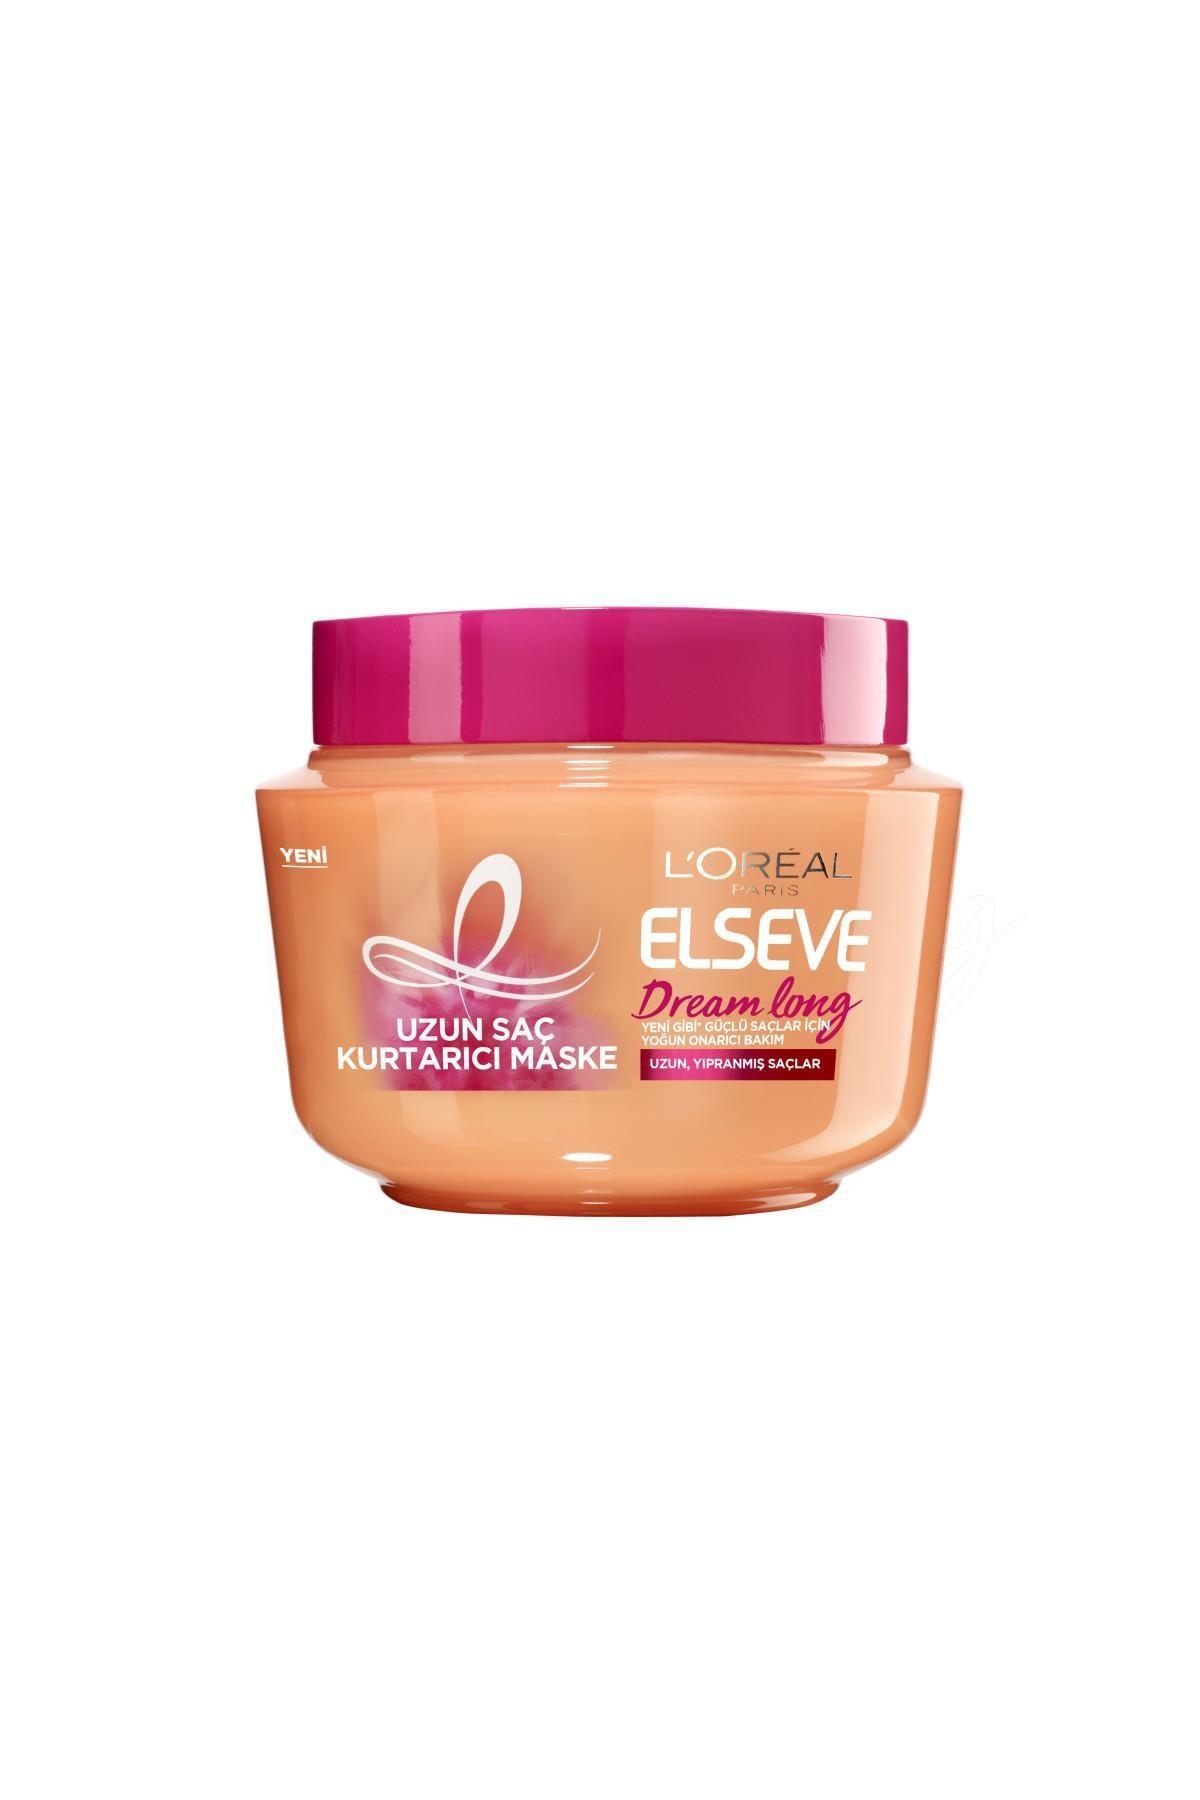 Elseve Dream Long Uzun Saç Kurtarıcı Saç Maskesi 300 ml 1